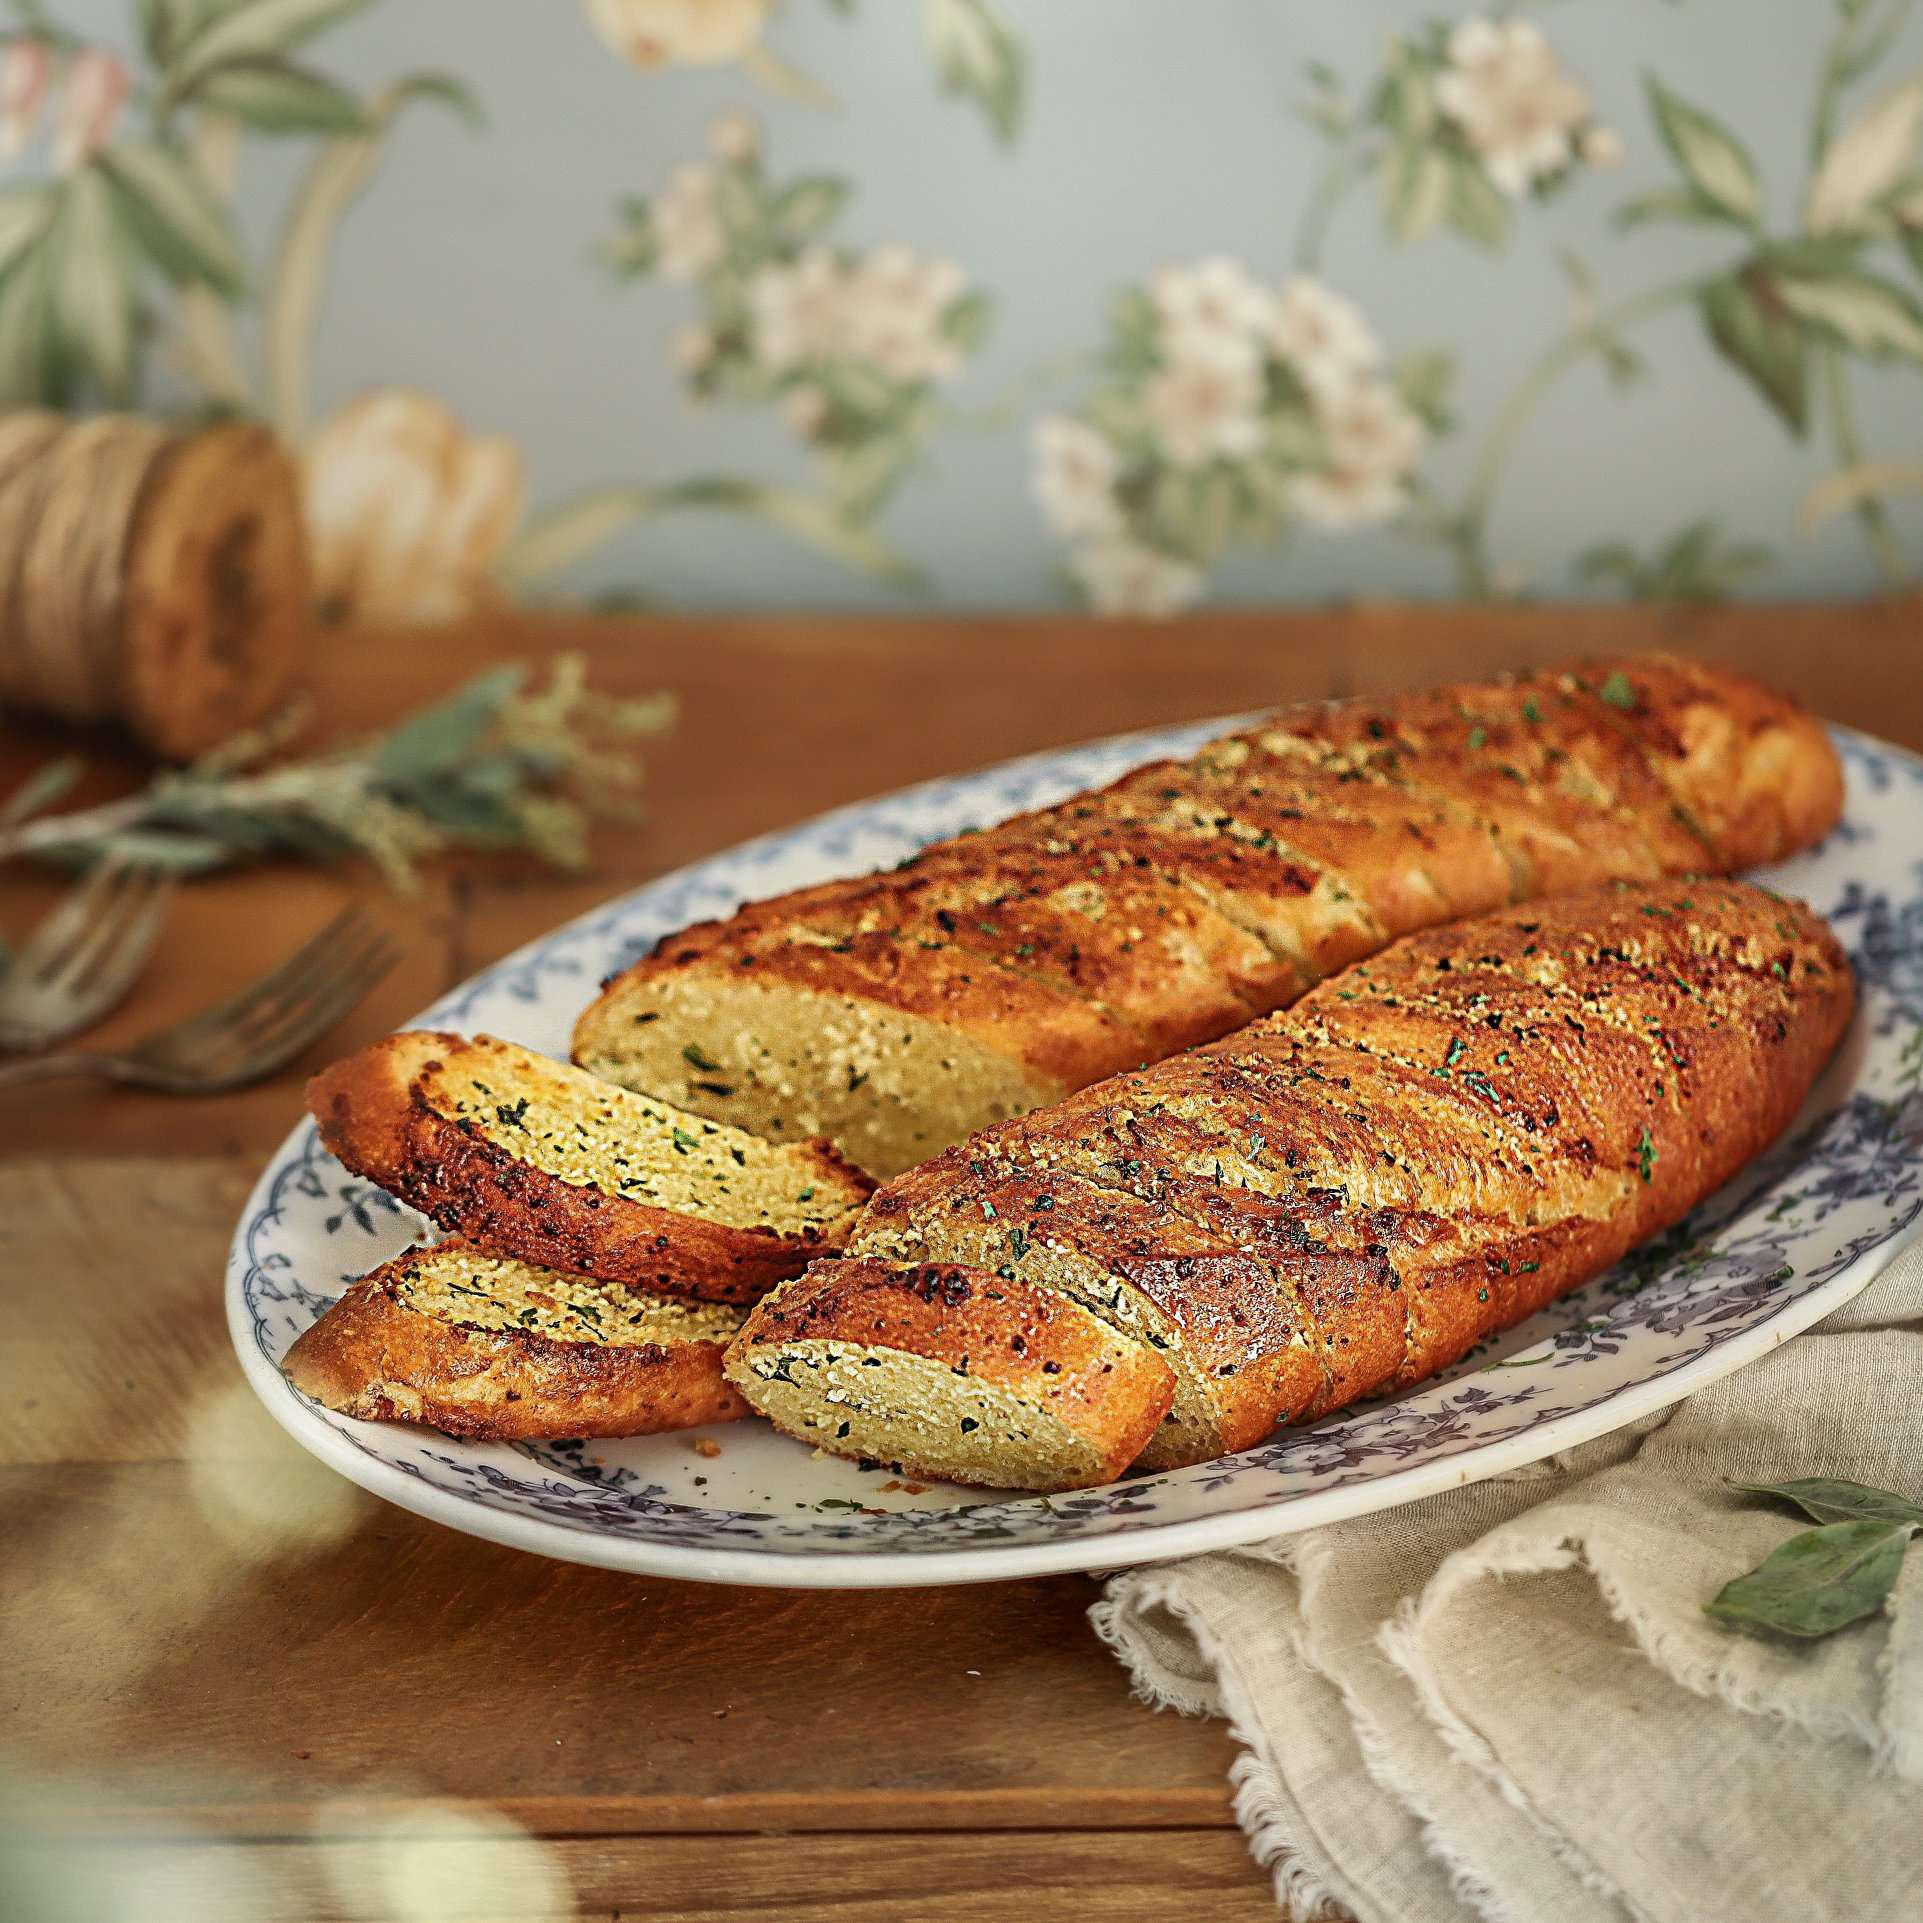 Chỉ 15 phút tôi chuẩn bị được món bánh mì nướng thơm ngon nhức nhối cho cả nhà ăn sáng! - Ảnh 6.